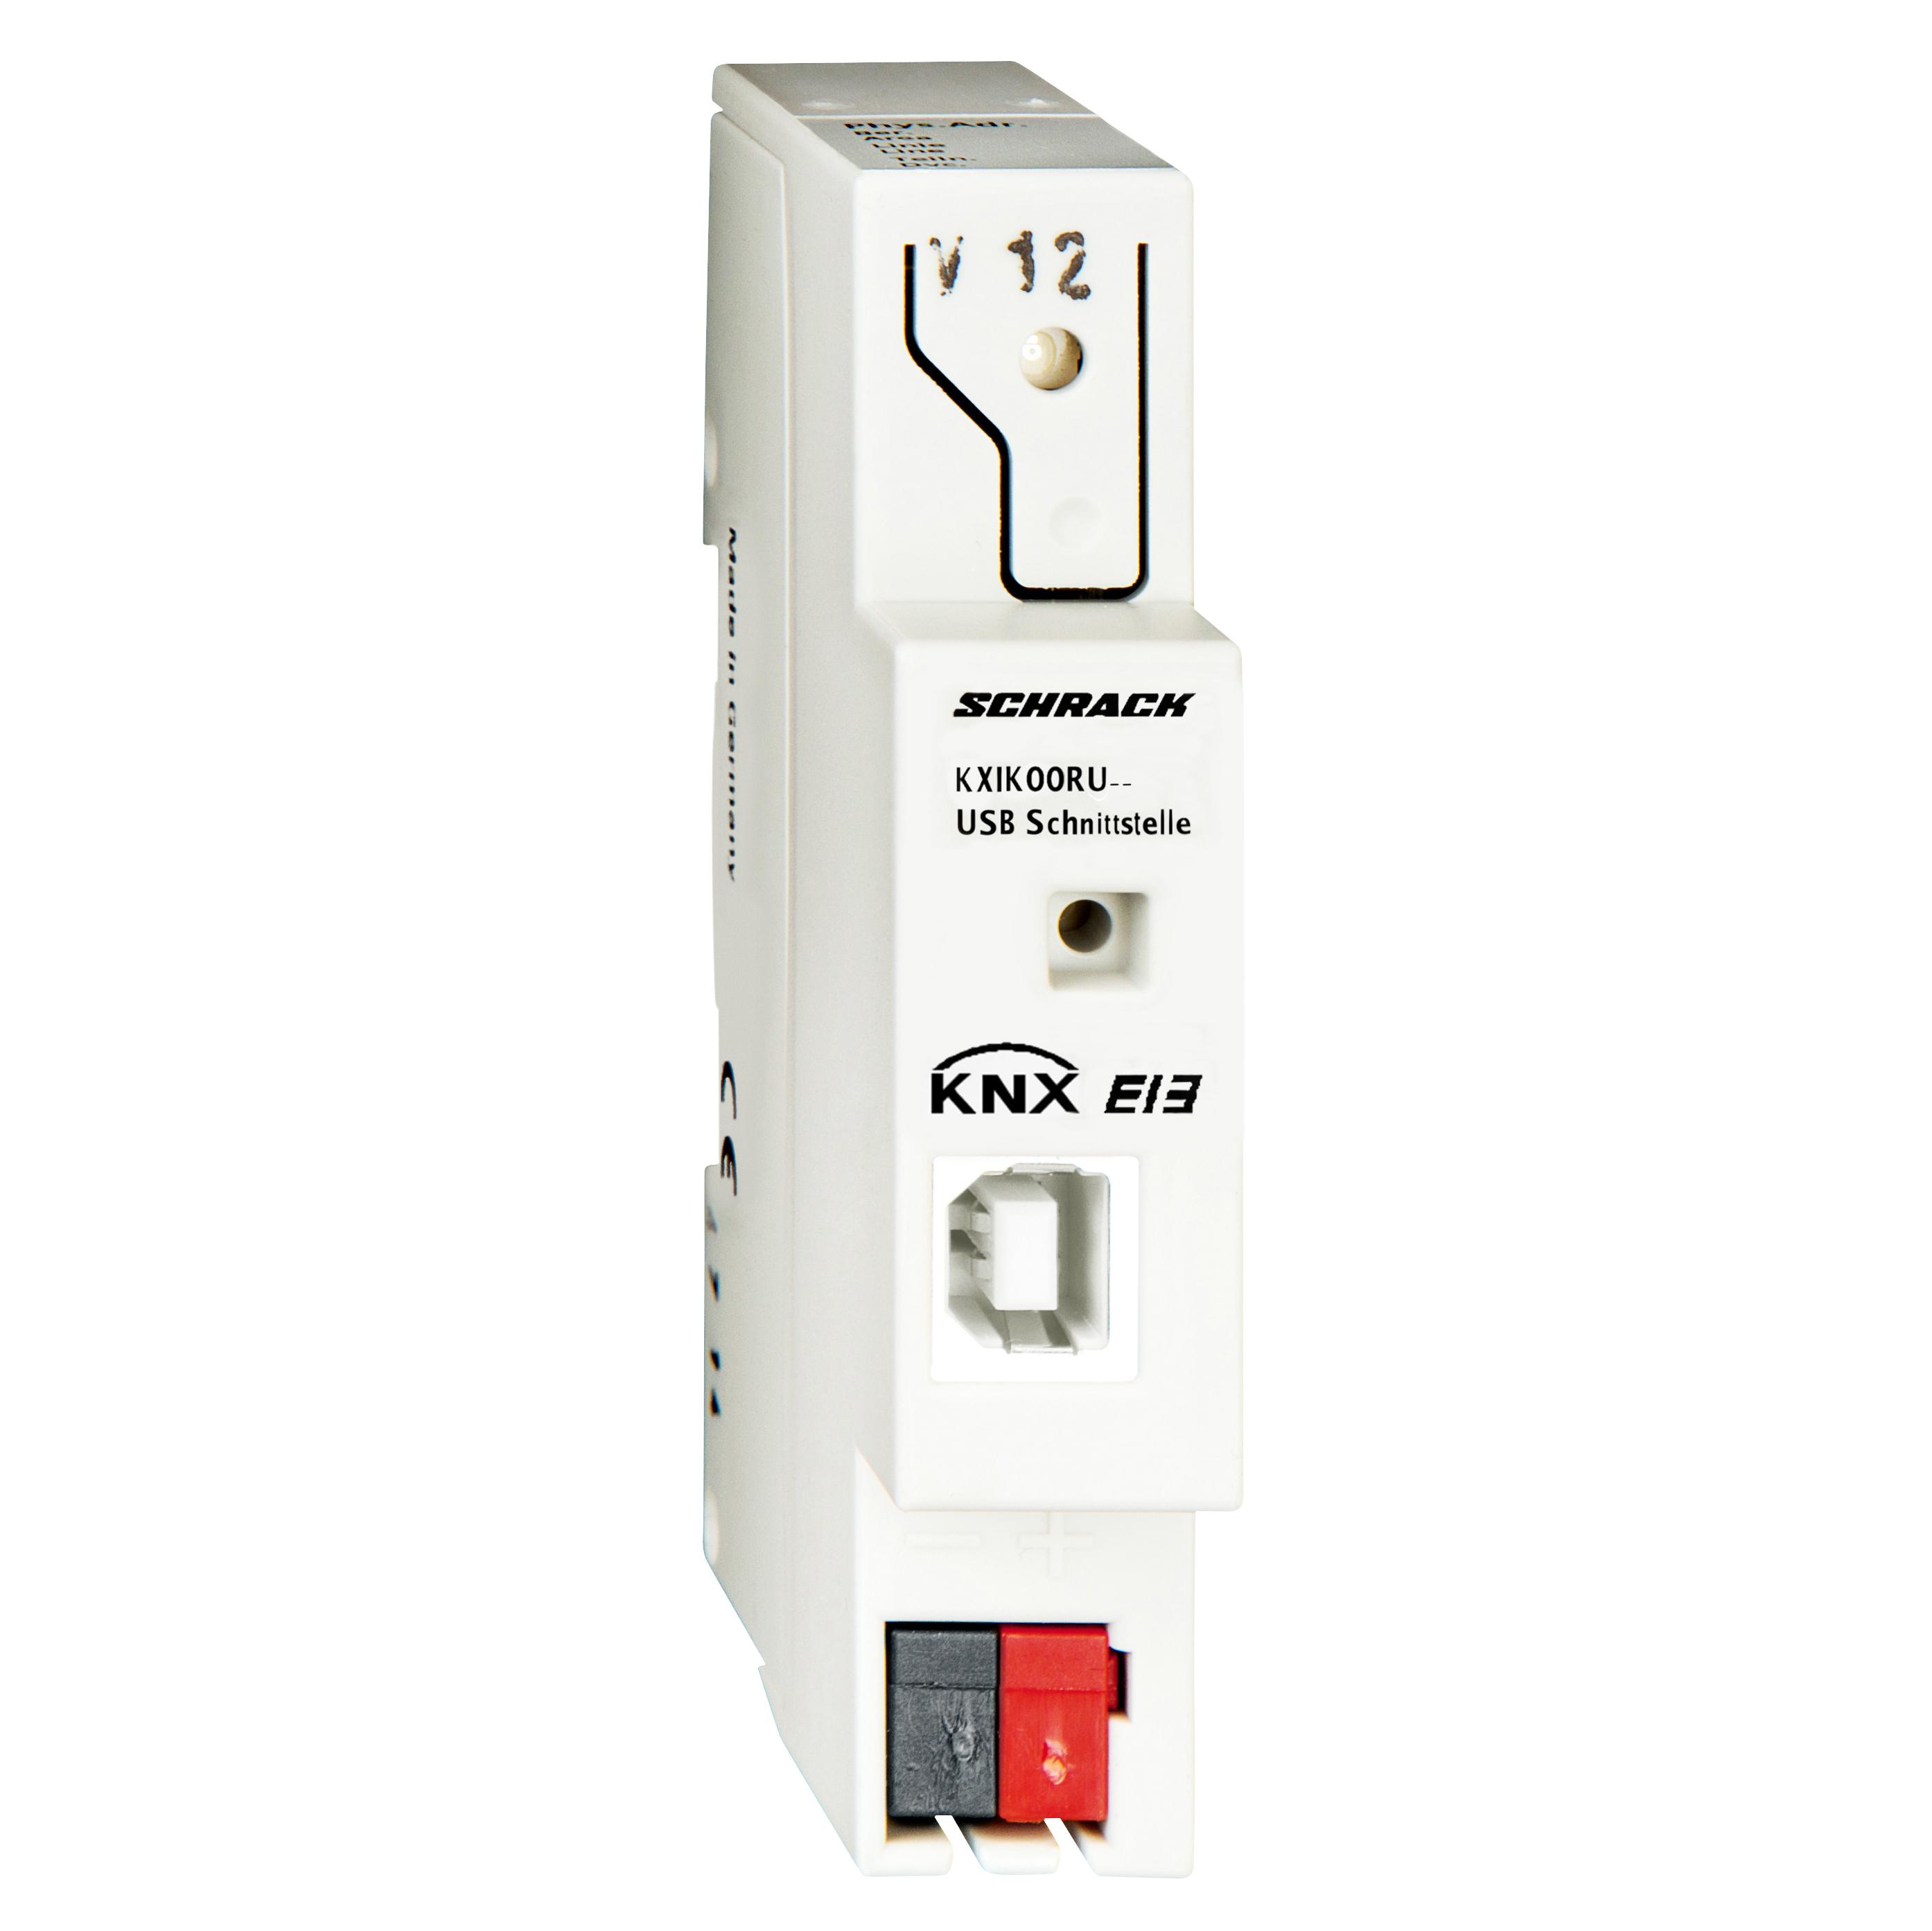 1 Stk KNX USB-Schnittstelle KXIK00RU--